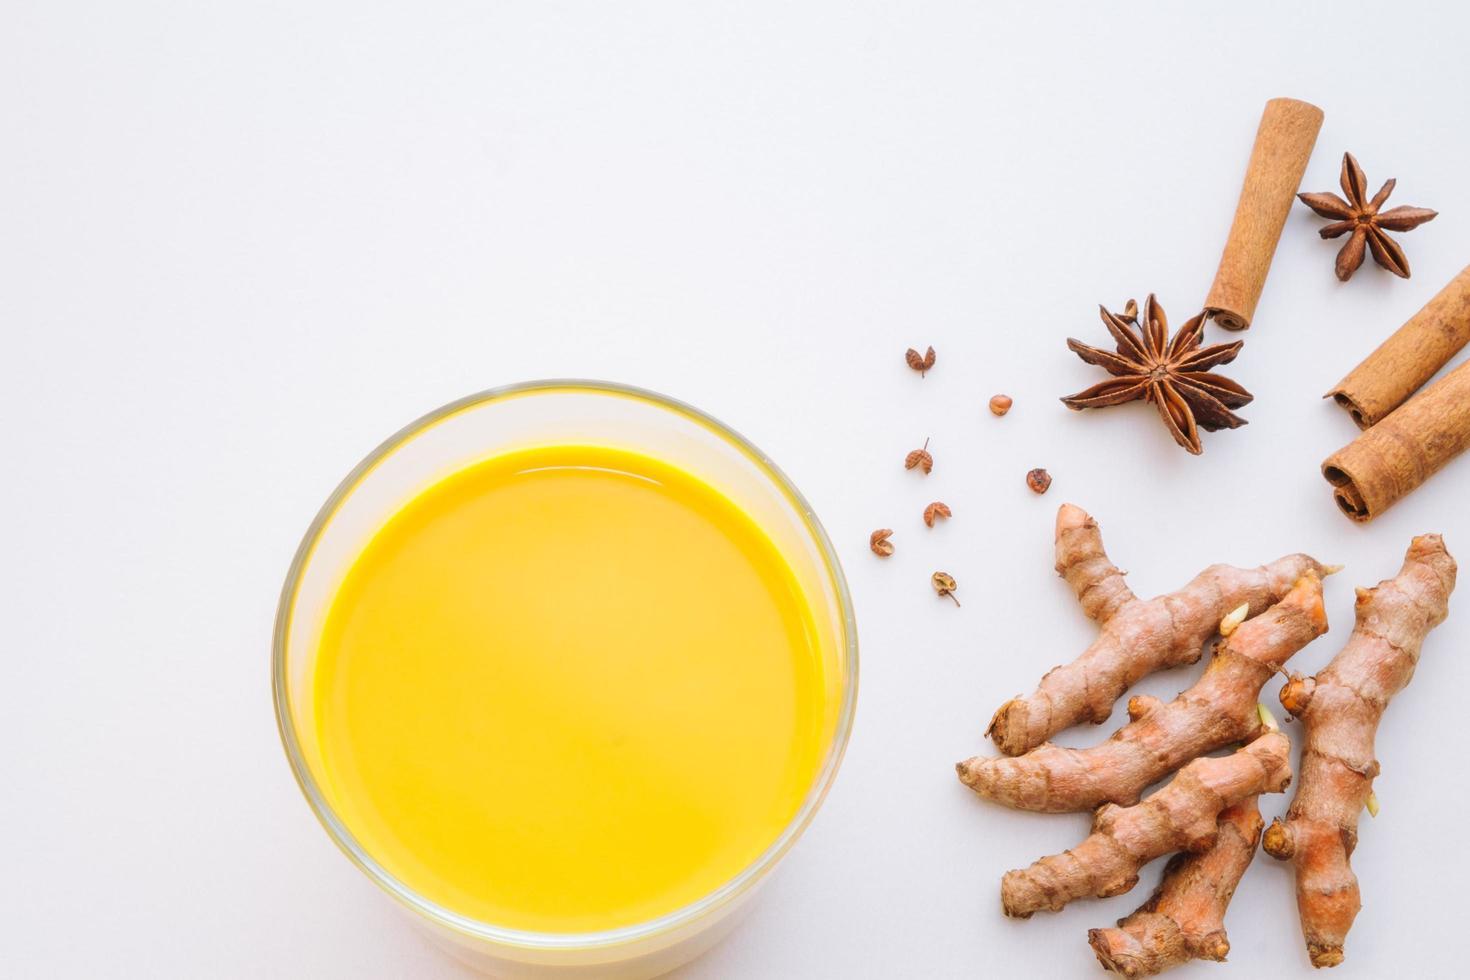 gyllene gurkmeja latte med kryddor på vit bakgrund foto